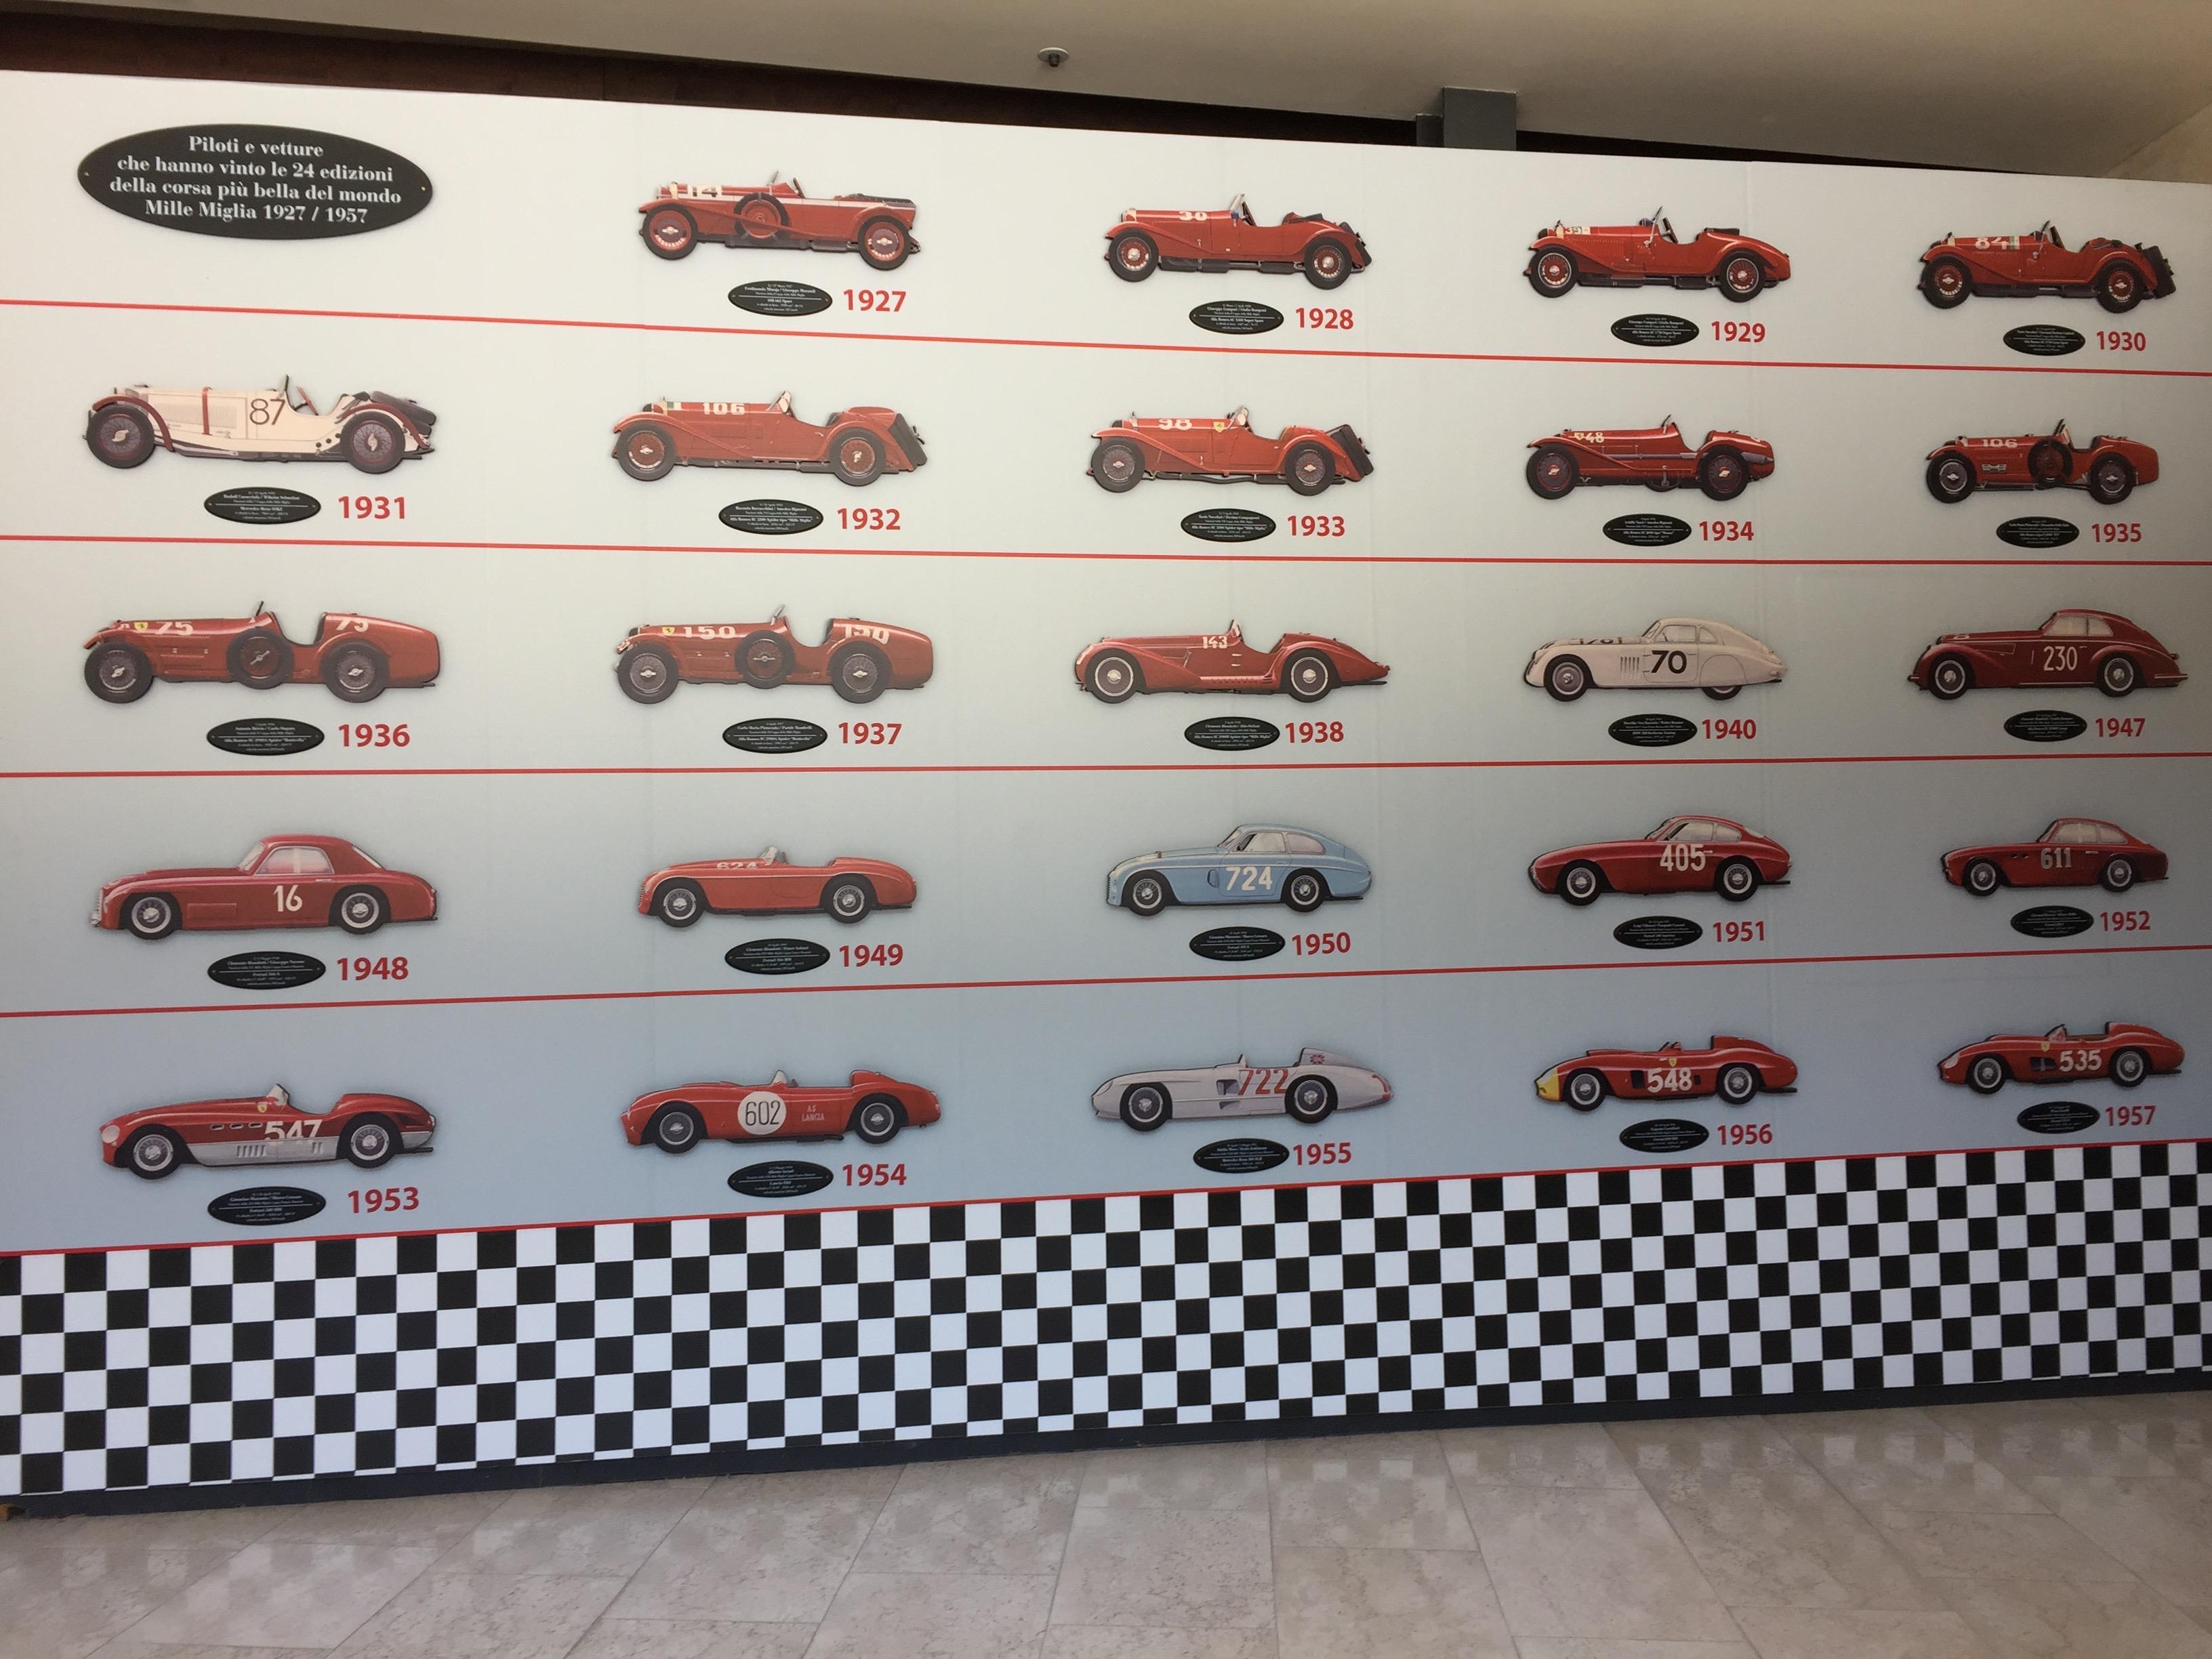 Die Tafel zeigt die jeweiligen Fahrzeugmodelle mit einer Plakette zu den Fahrern die als Sieger in den entsprechenden Jahren das Rennen gewonnen haben.